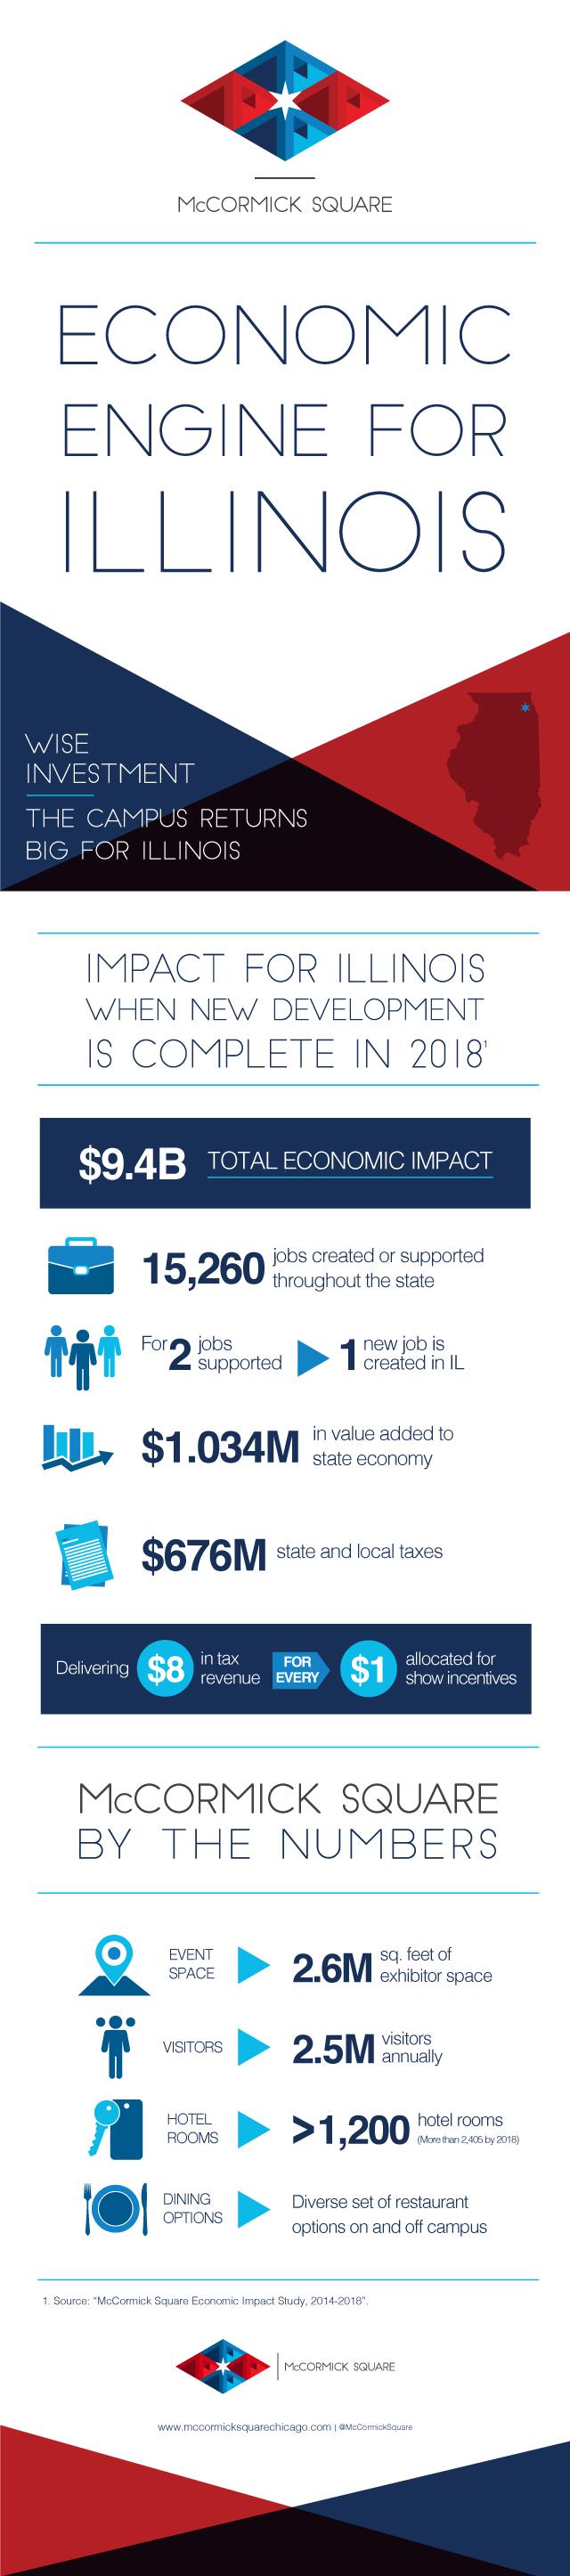 Economic Engine for Illinois